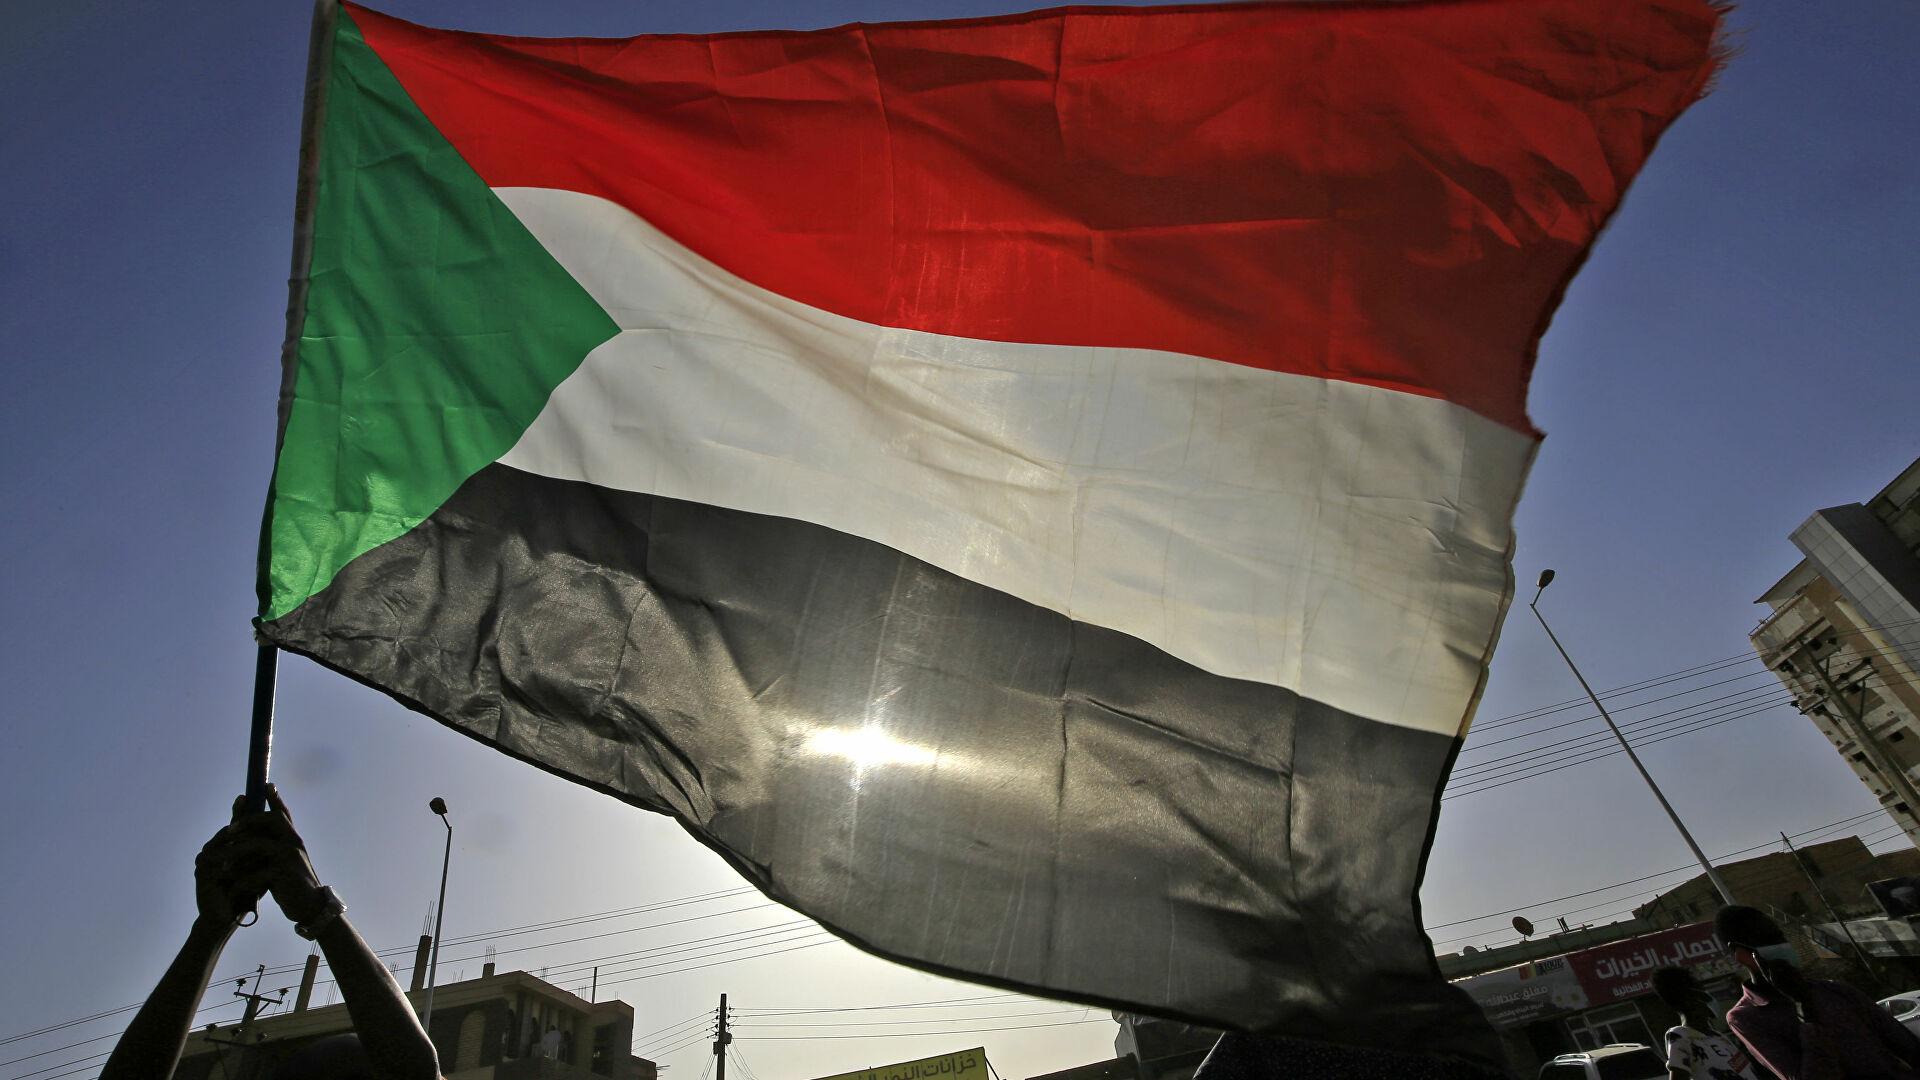 Sudan'da darbe girişimi: Başbakan gözaltına alındı